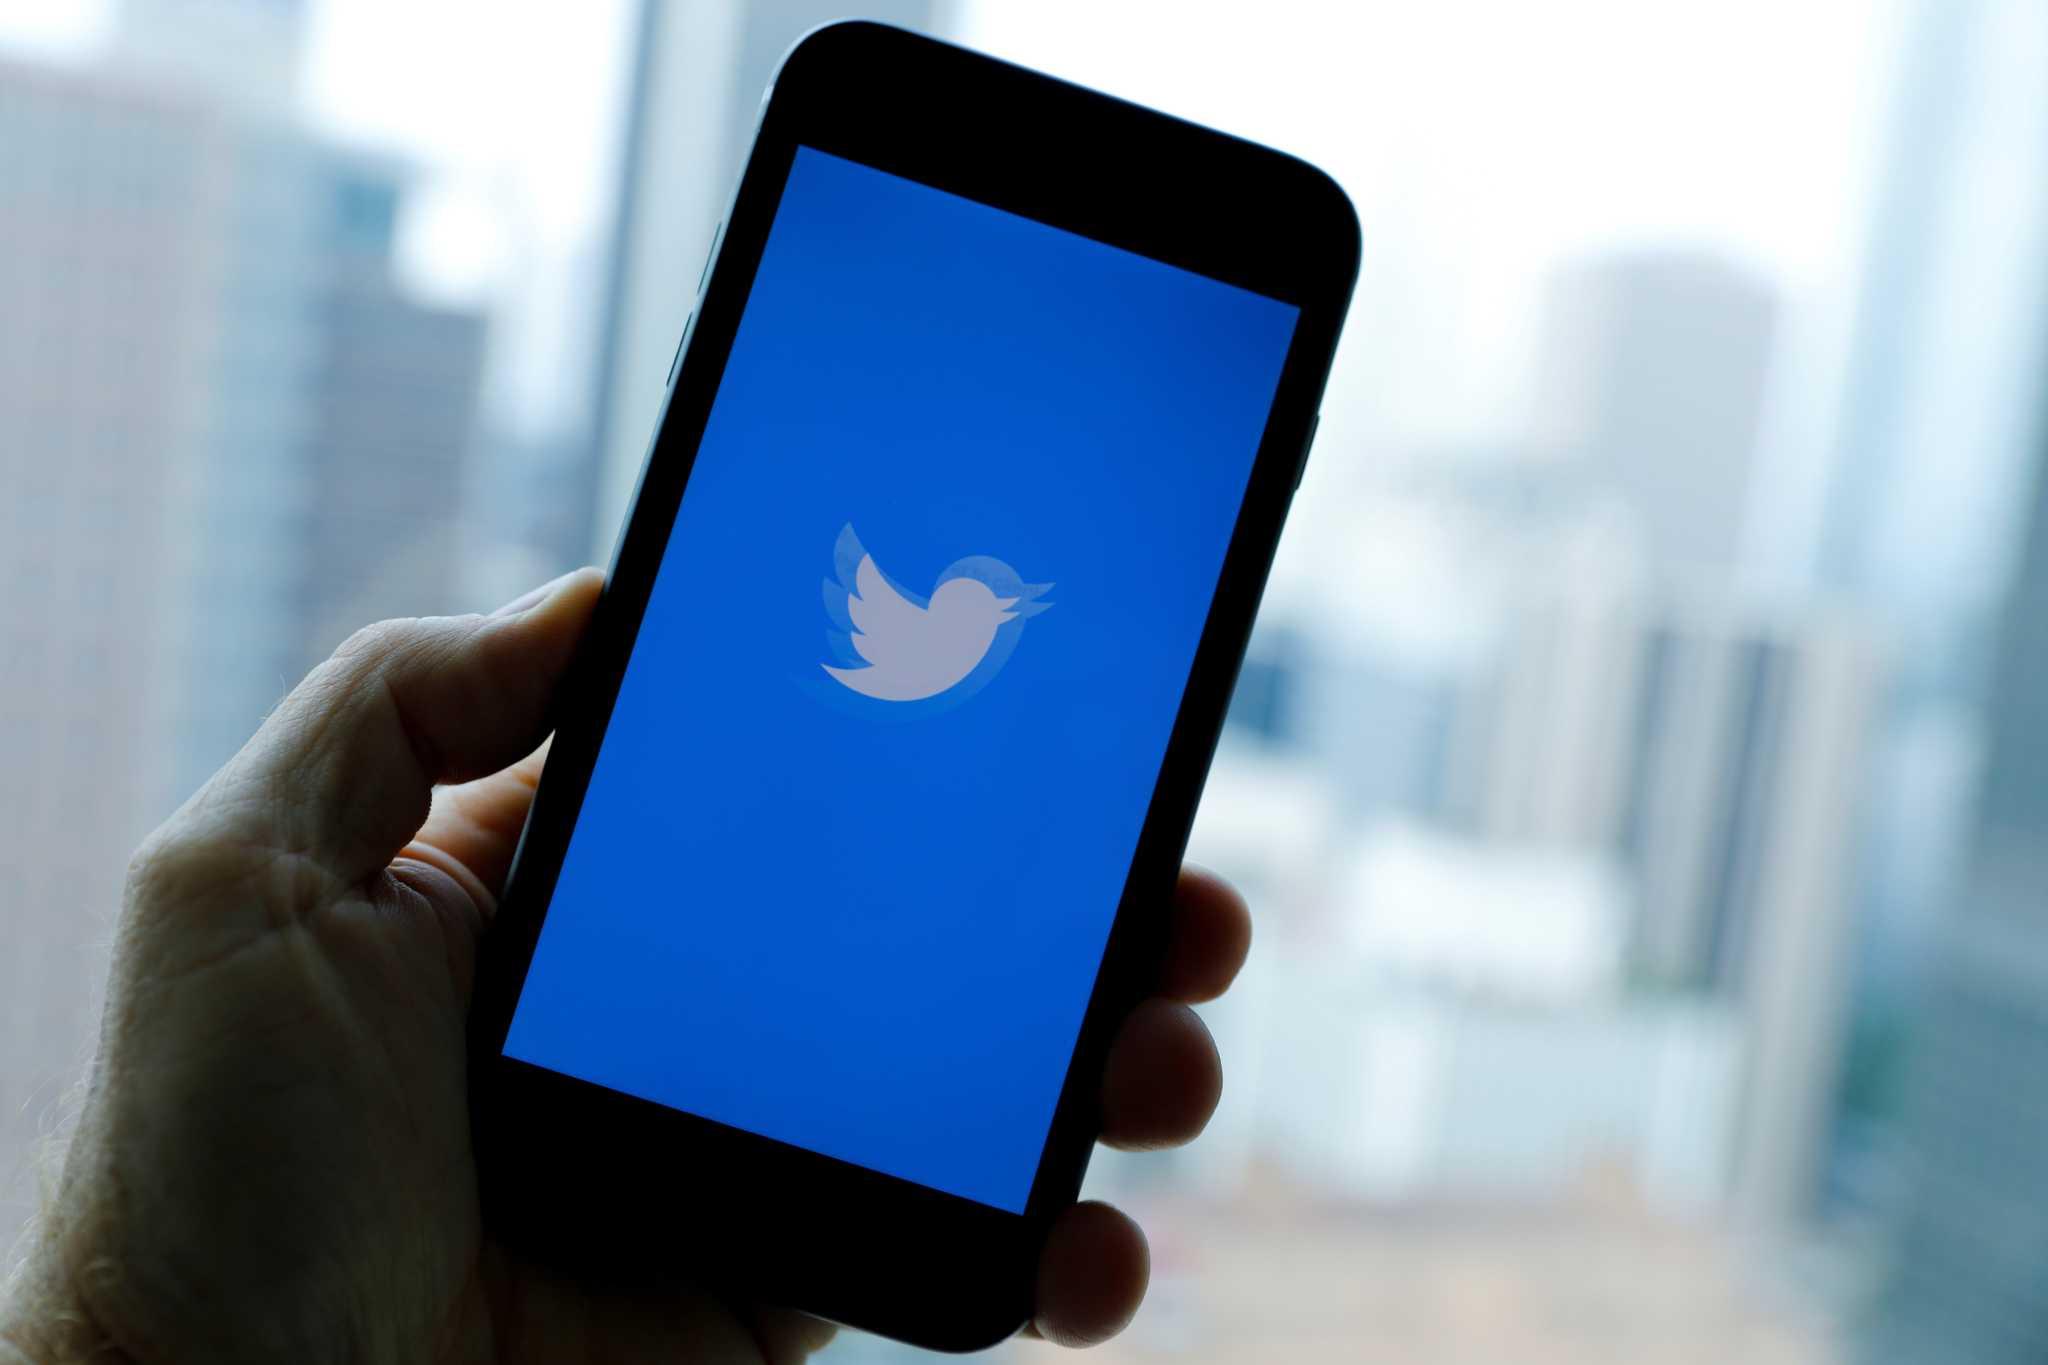 """Twitter: Παίρνει μέτρα για να σταματήσει τις """"ψευδείς ειδήσεις"""""""